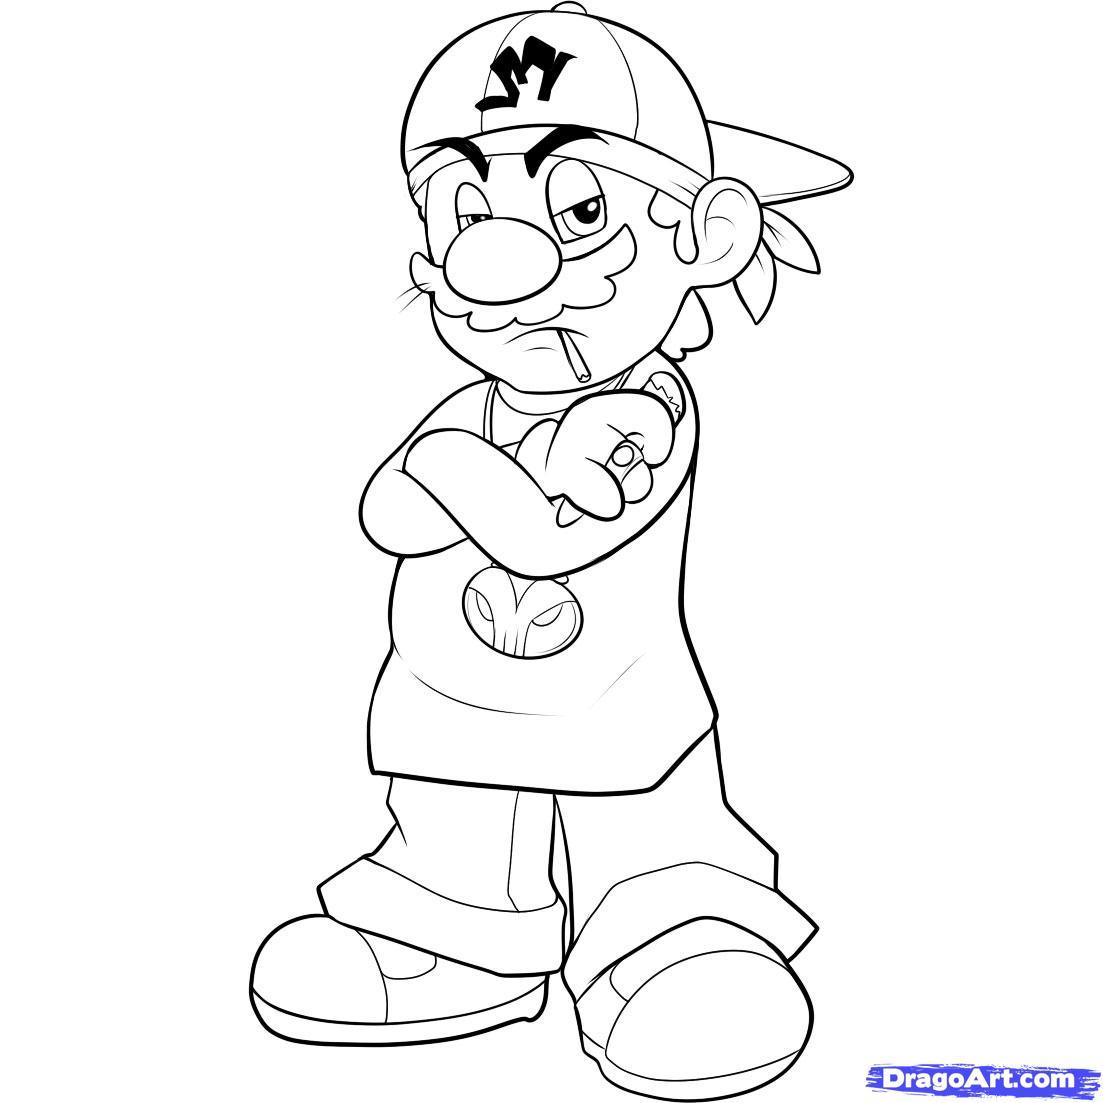 1103x1103 Gangsta Spongebob Drawings